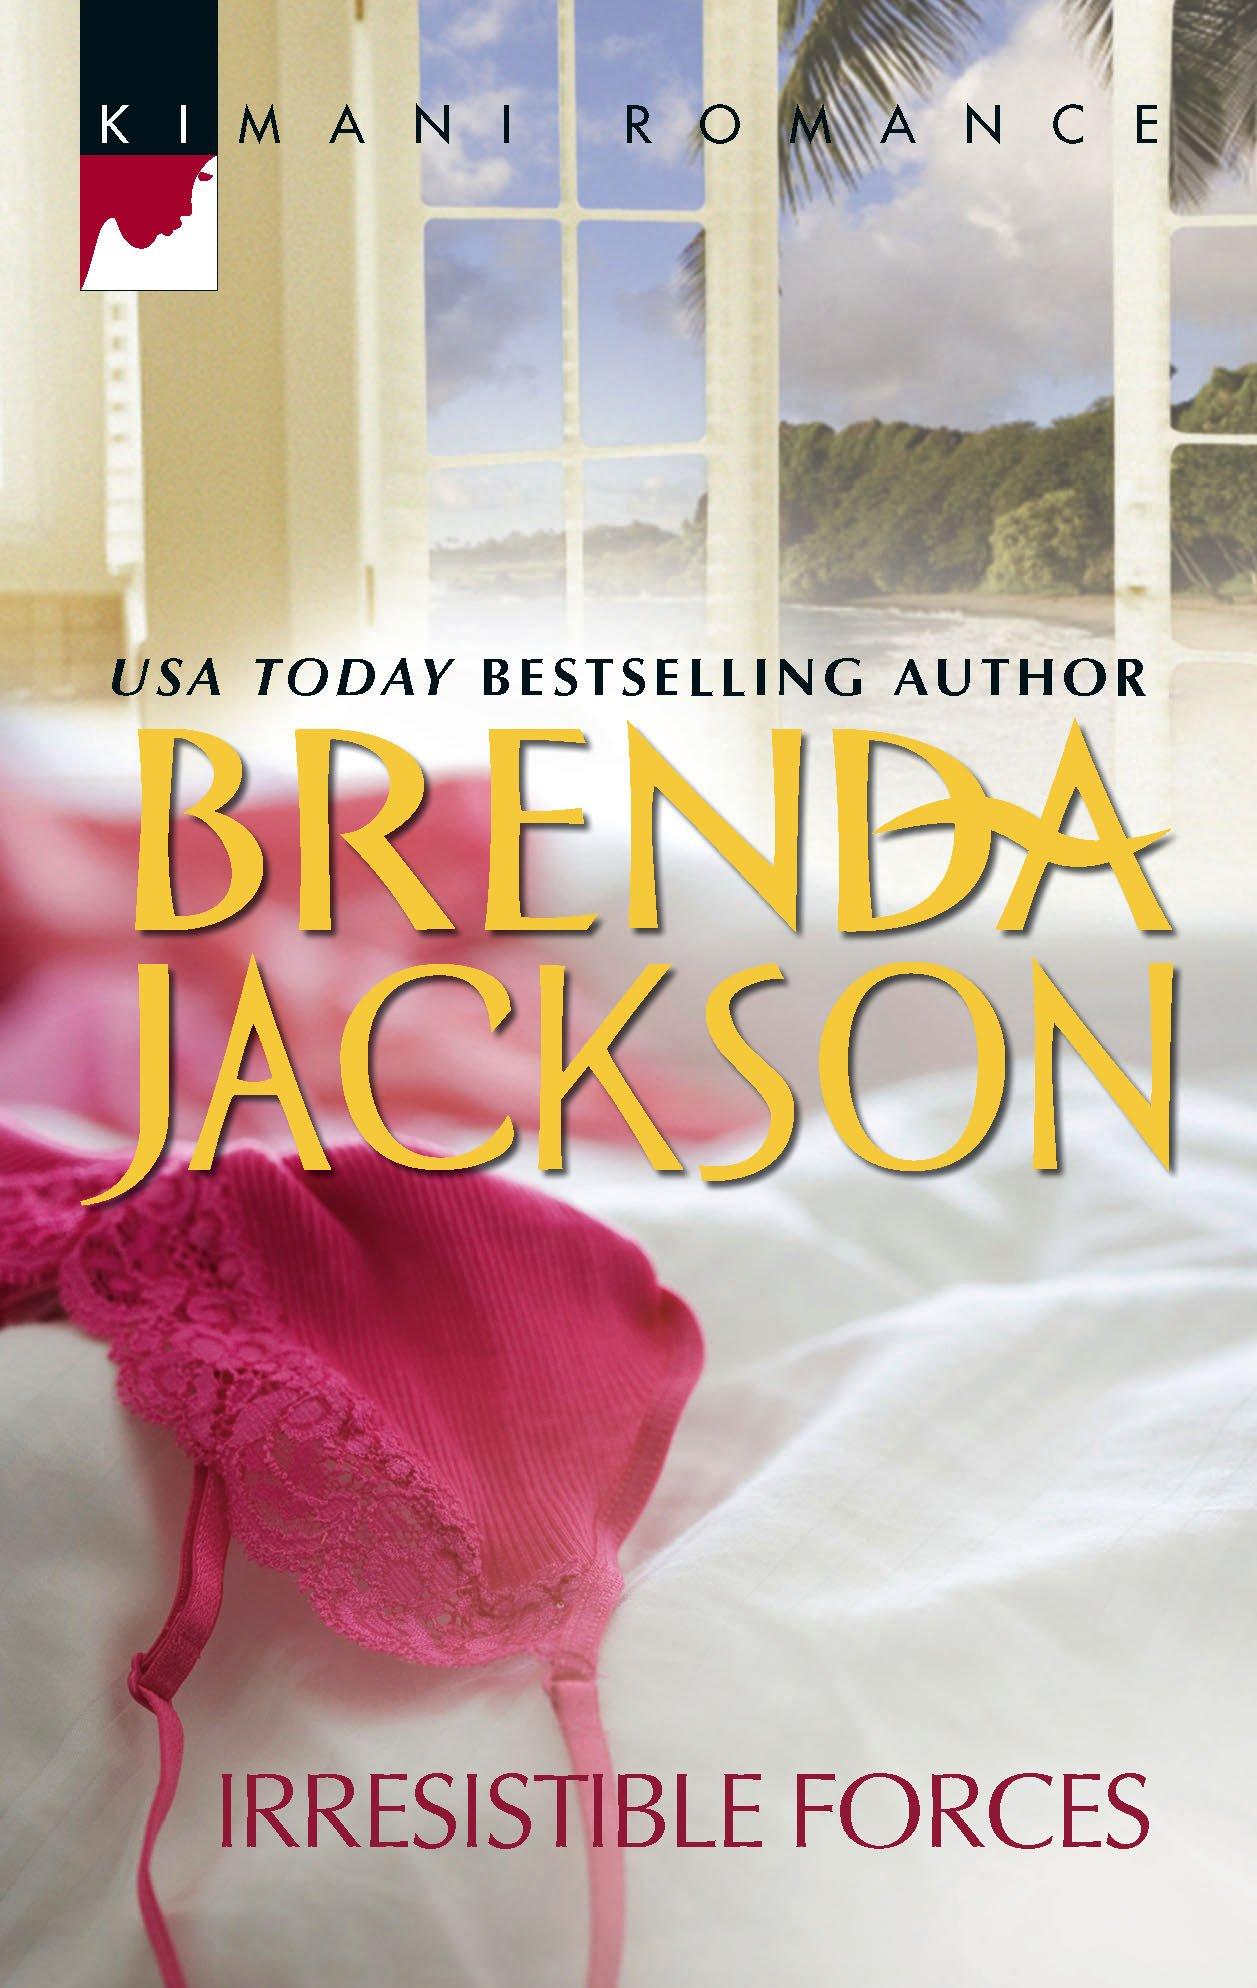 Irresistible Forces (Kimani Romance): Amazon.co.uk: Brenda Jackson:  9780373860647: Books